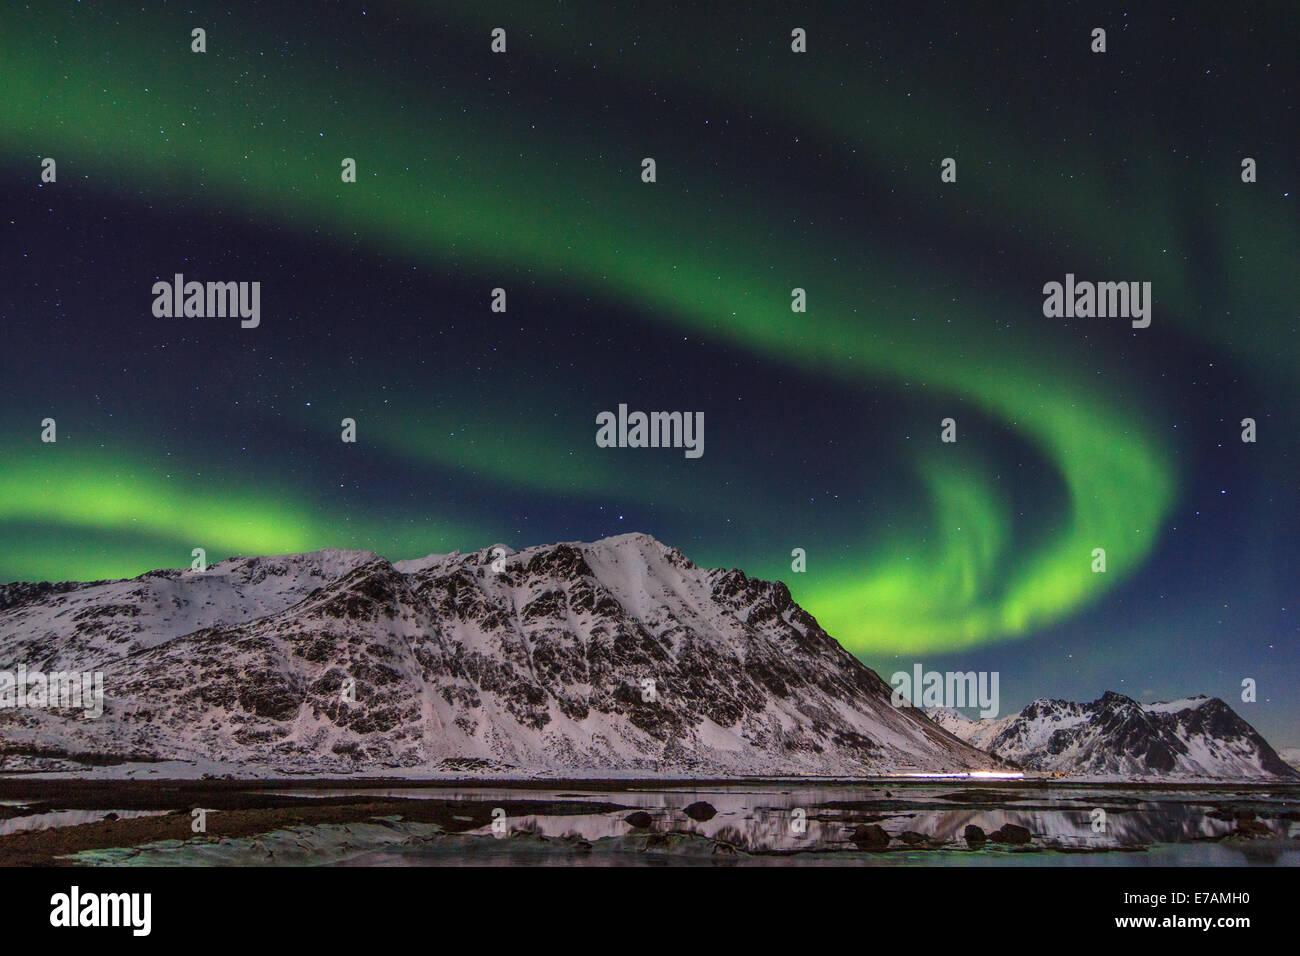 Luci del Nord sui fiordi norvegesi Immagini Stock